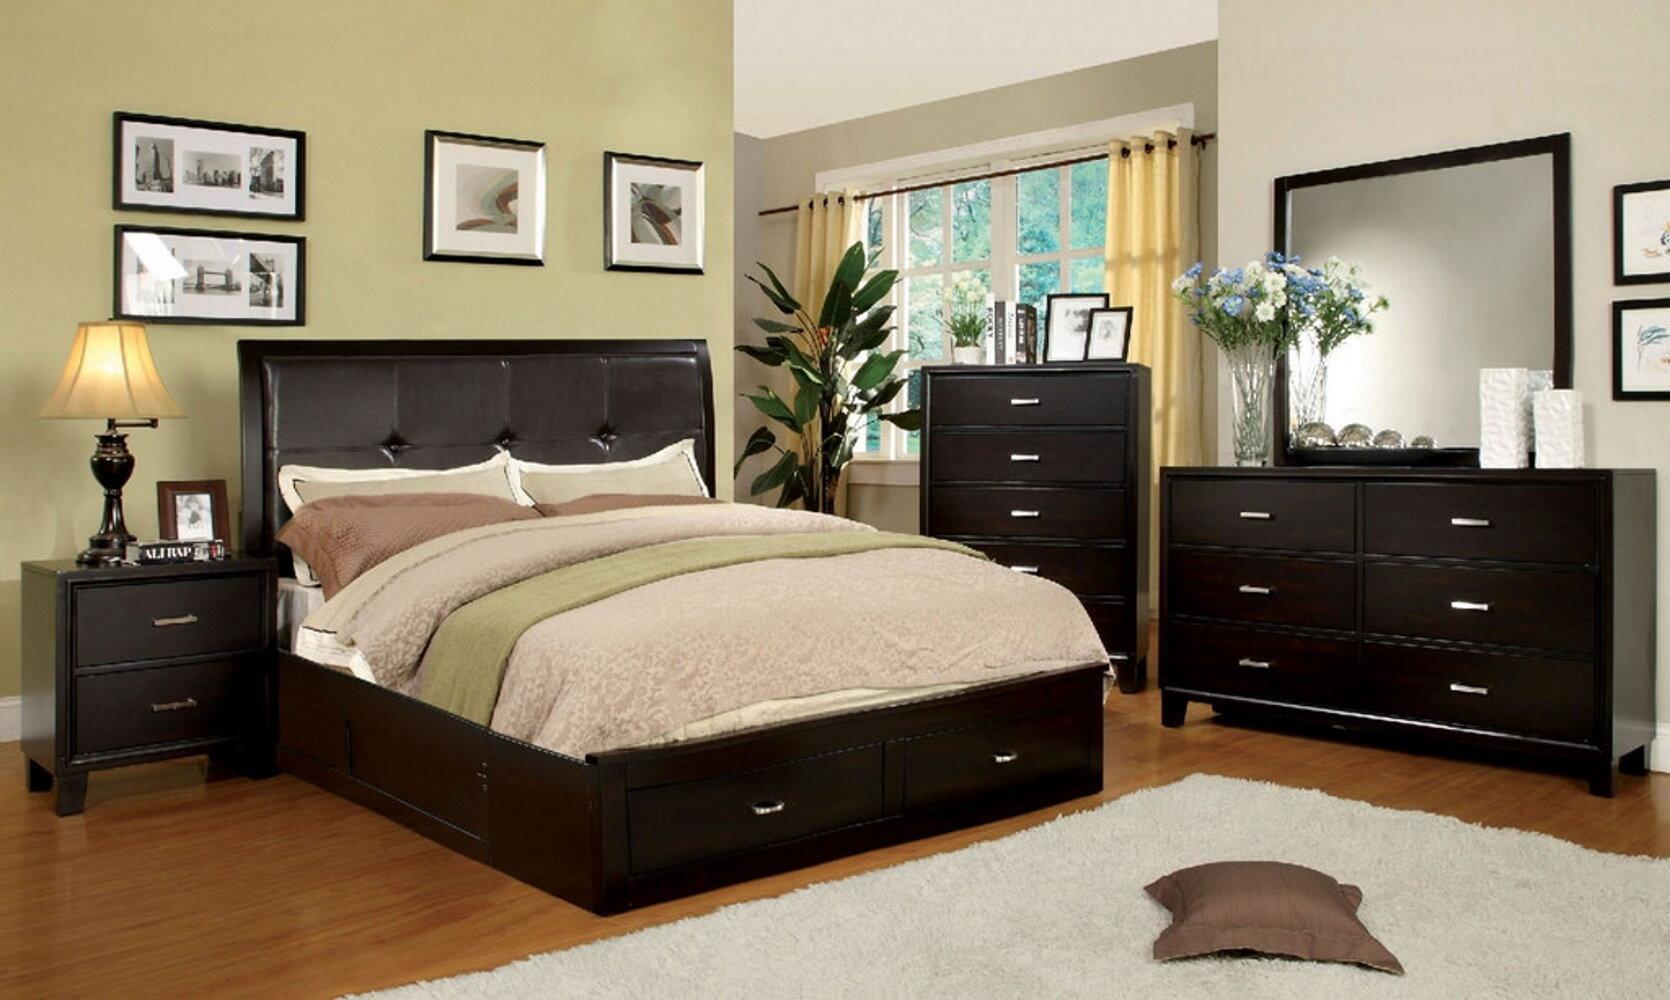 Picture of: Winston Porter Claireborne Queen Platform Solid Wood 4 Piece Bedroom Set Wayfair